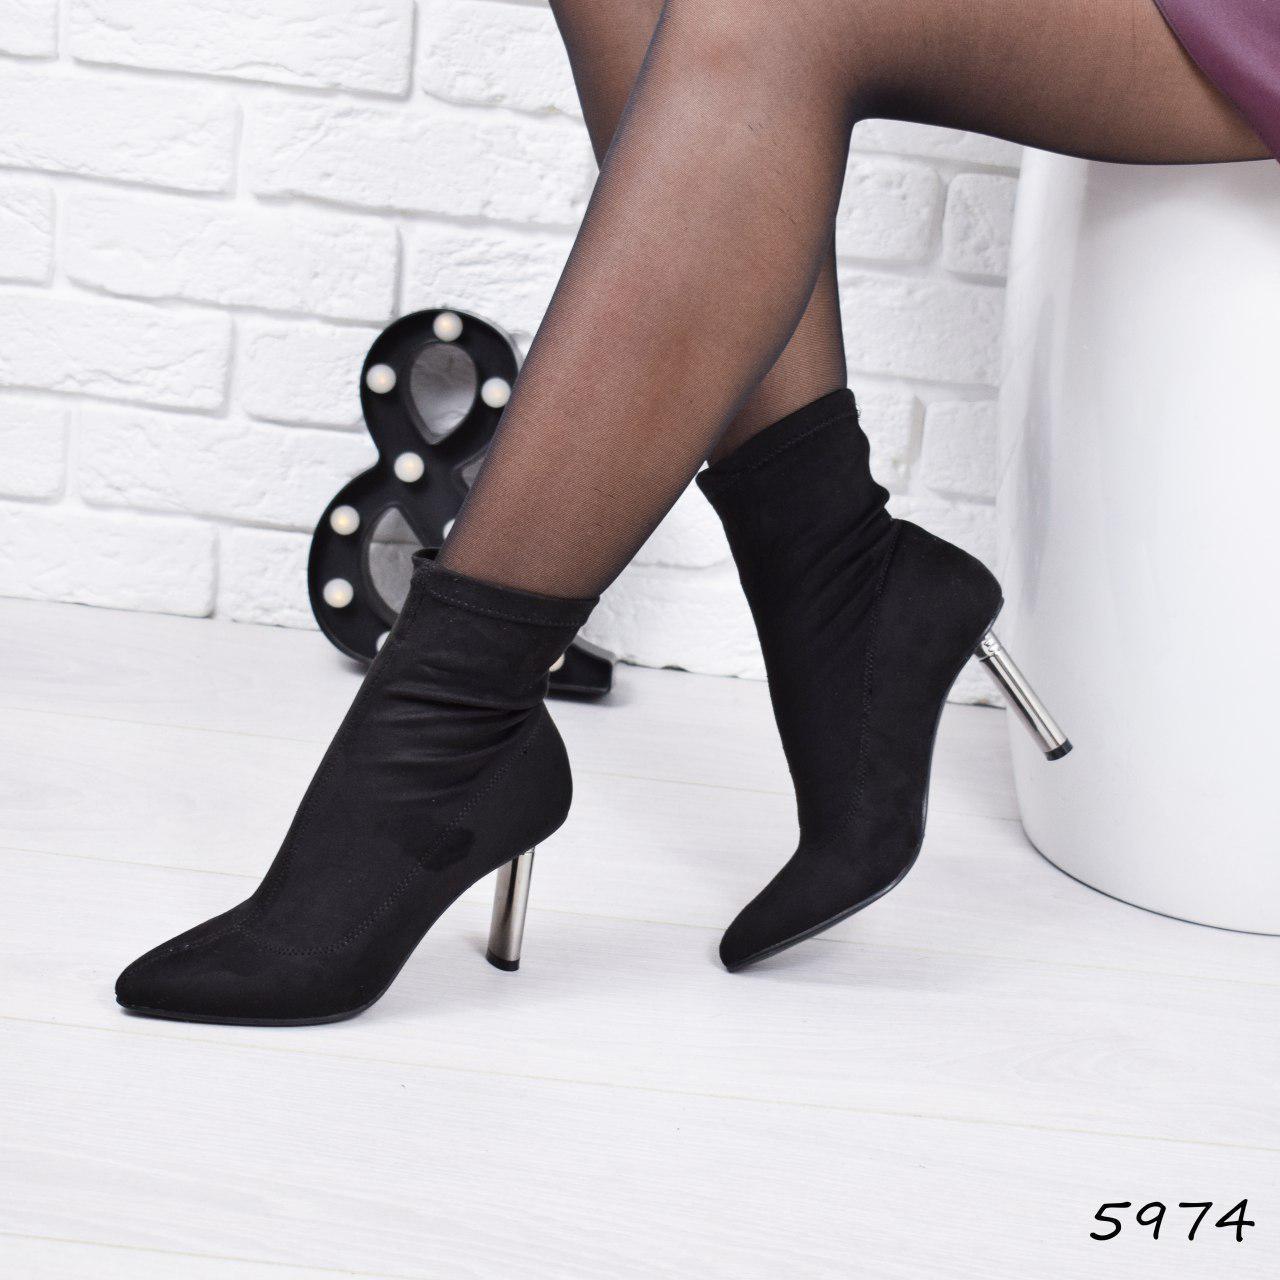 """Ботильоны женские на каблуке, черные """"1Love"""" эко замша, повседневная, демисезонная женская обувь"""